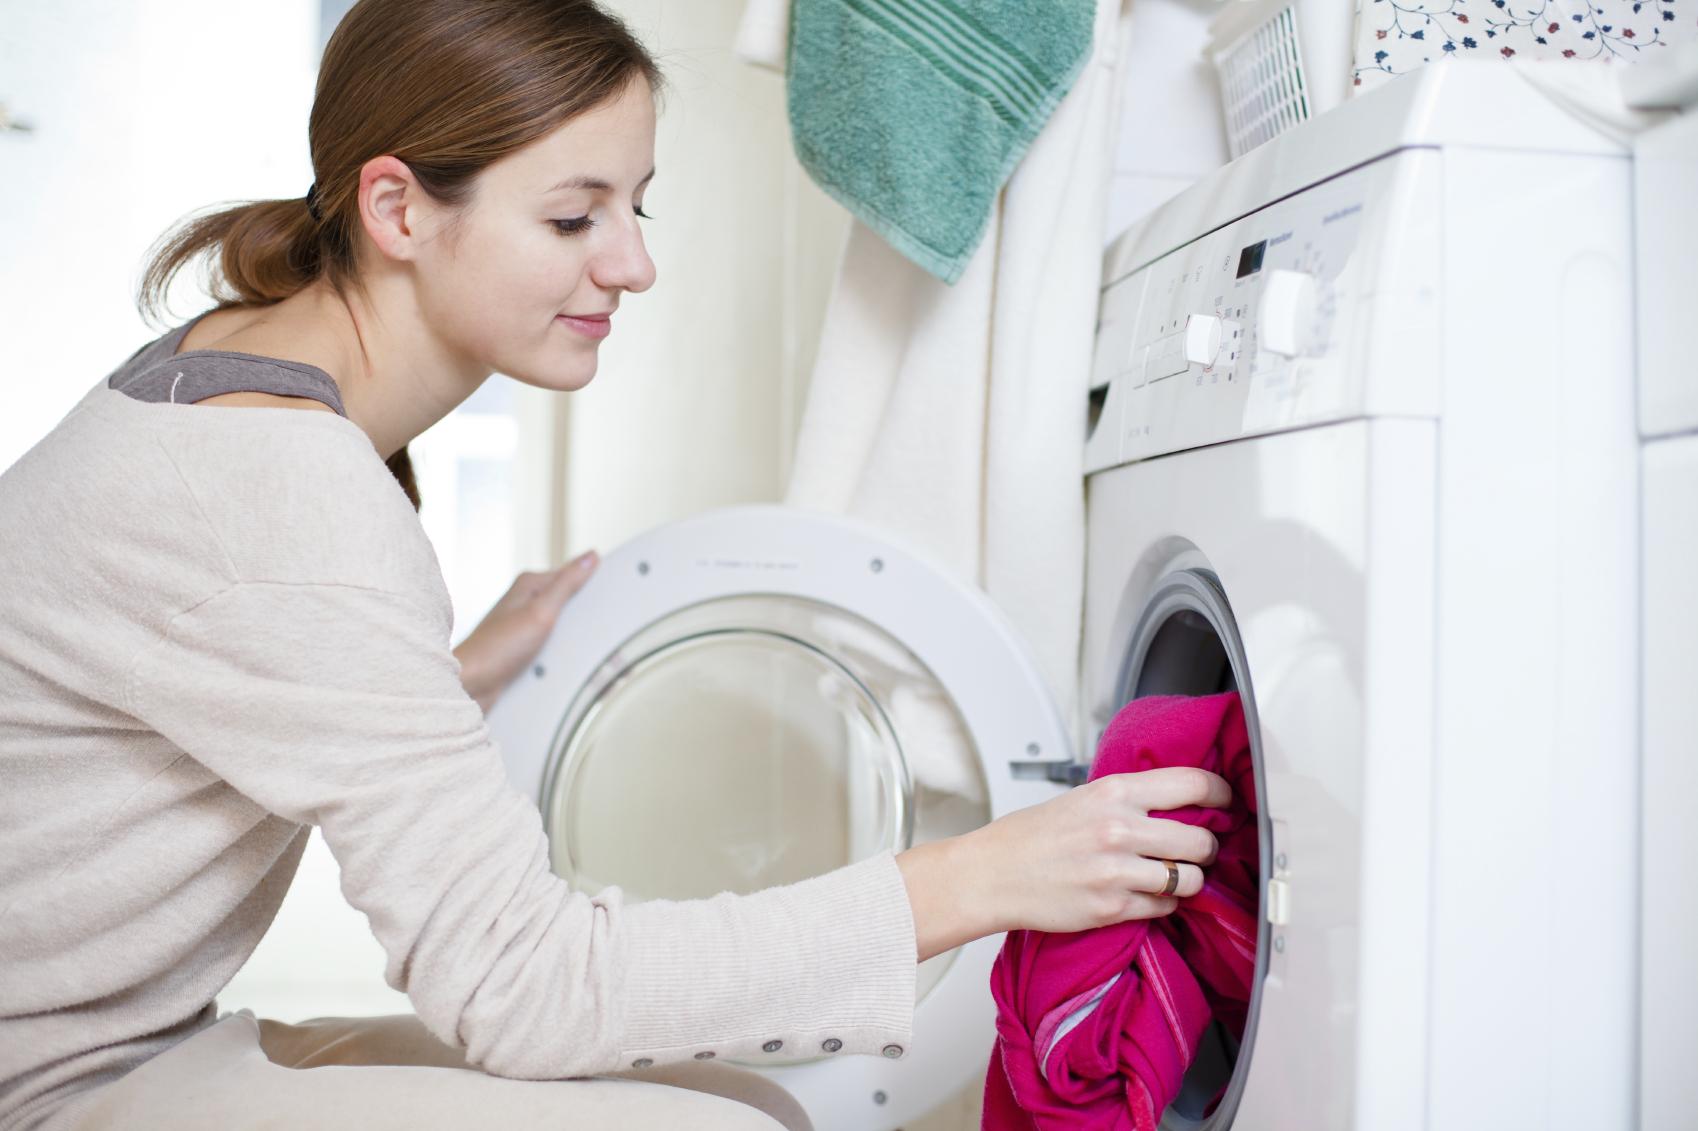 если стирает в ванной и снимает с себя одежду всей комнате